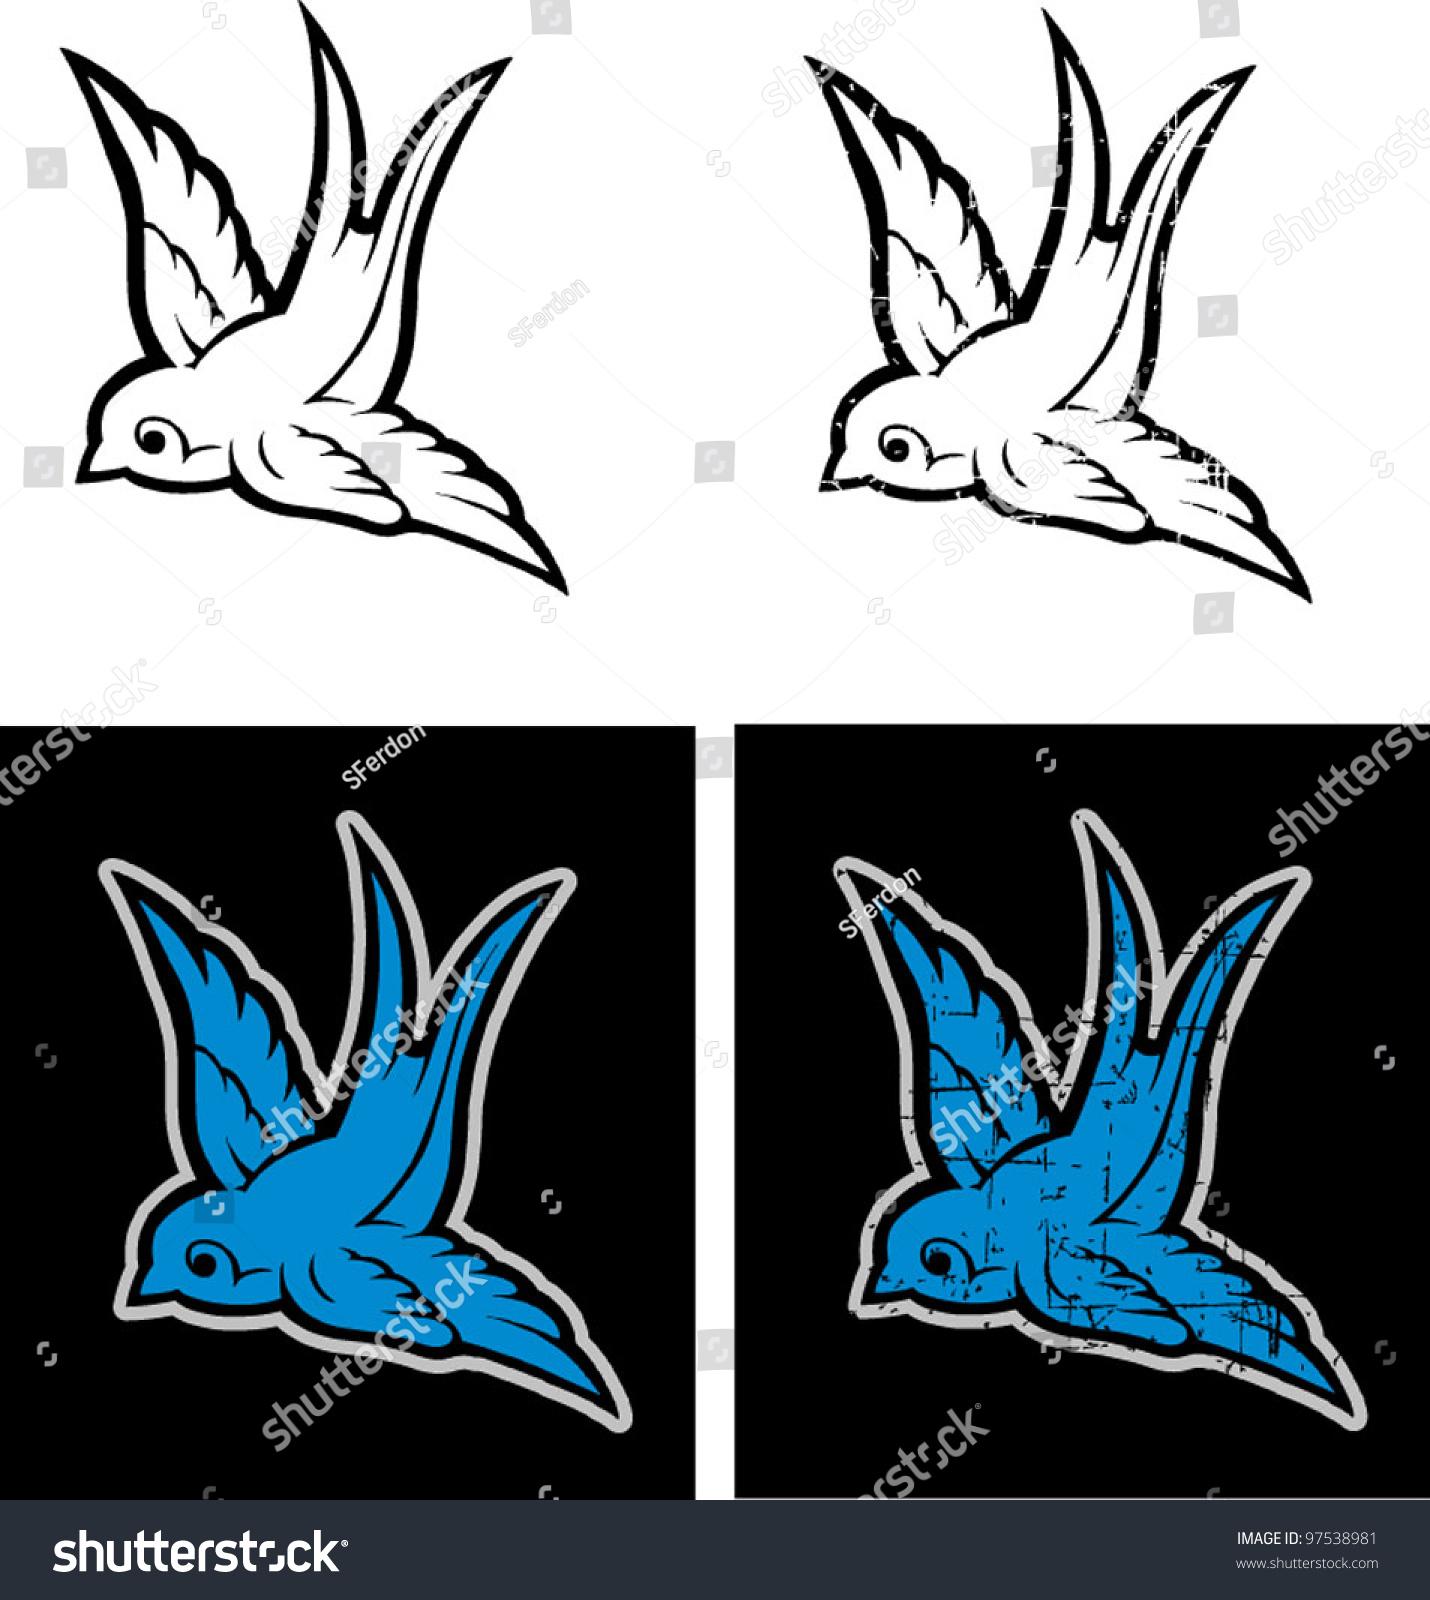 燕子-动物/野生生物,抽象-海洛创意(hellorf)-中国-.